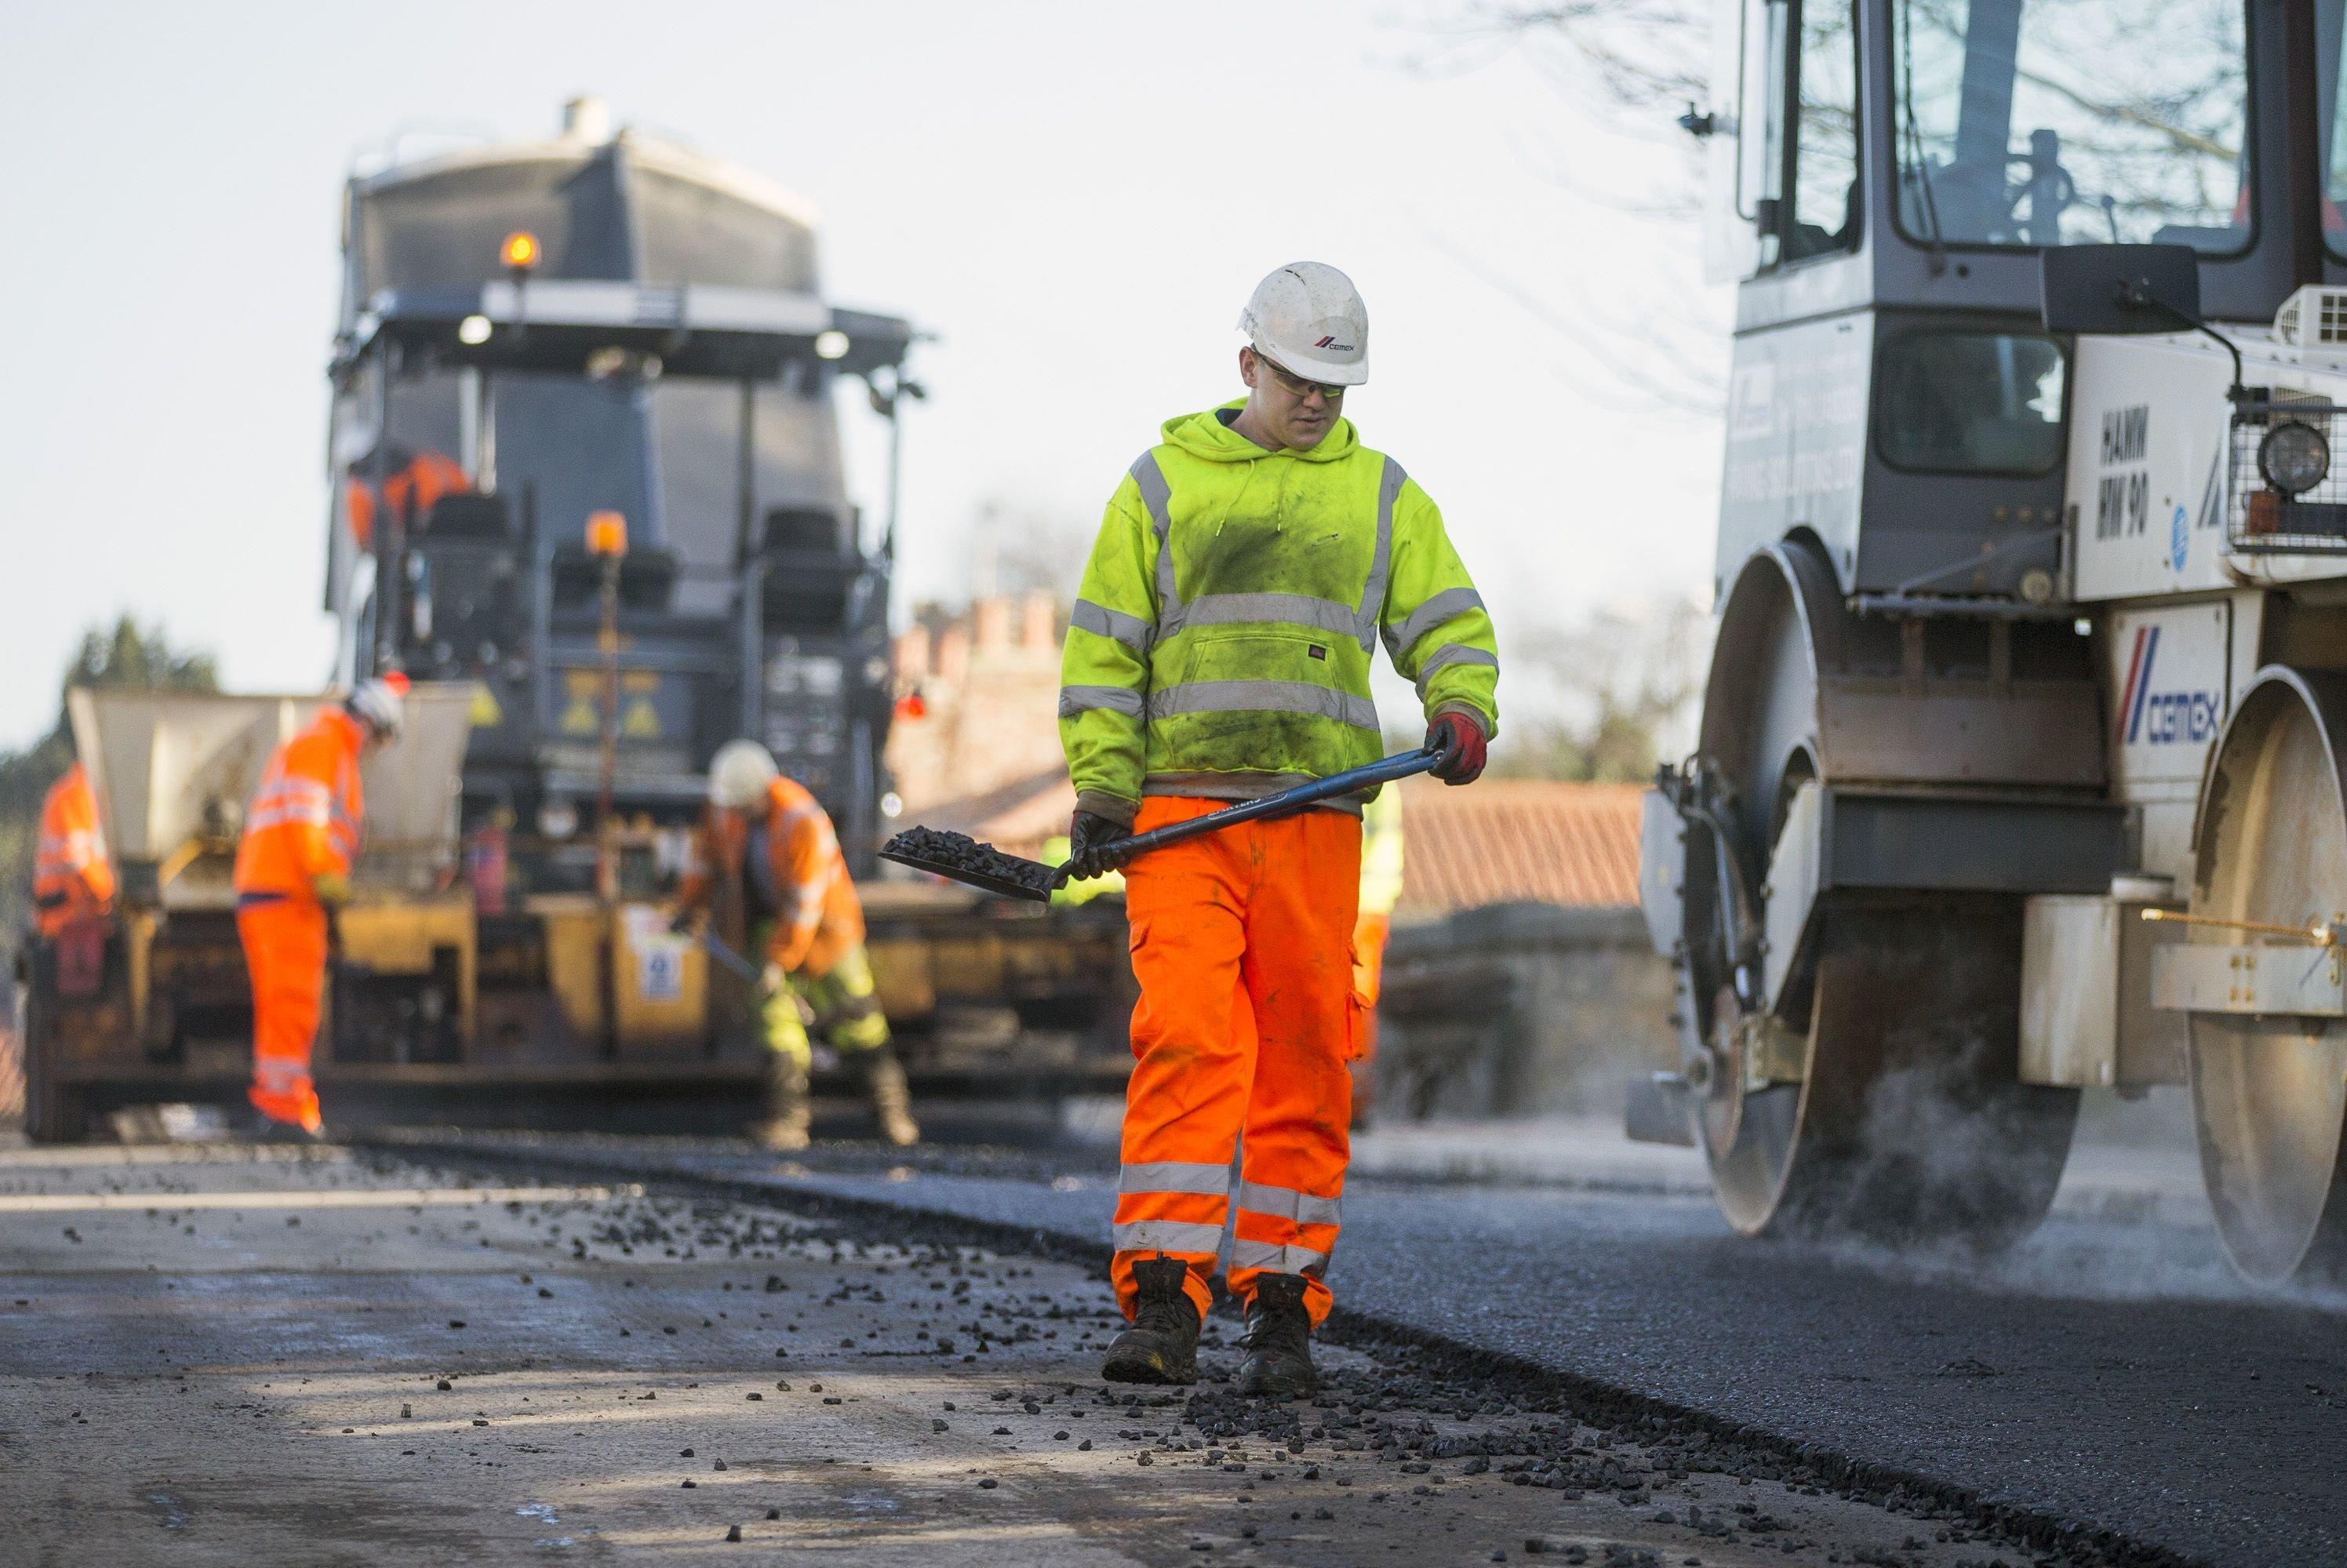 Oprava silnice (ilustrační foto)